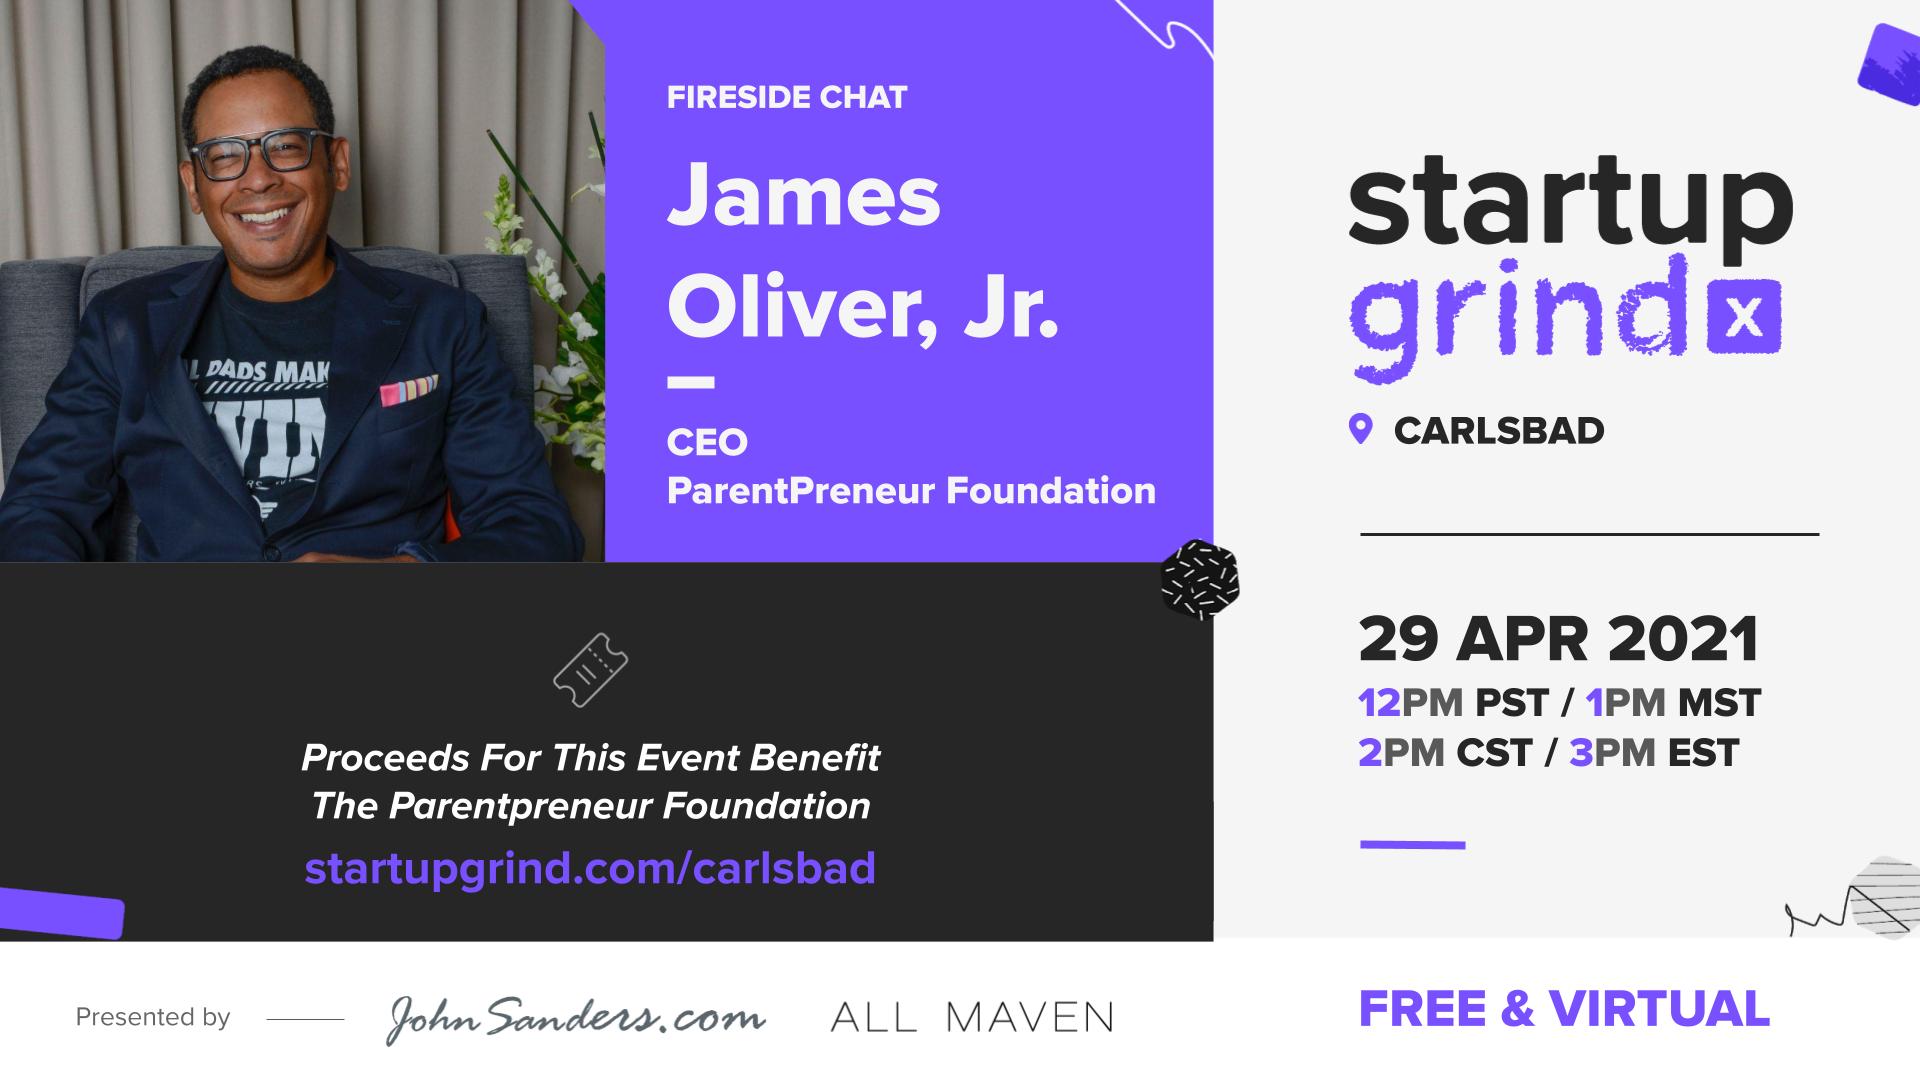 Startup Grind - James Oliver Jr.